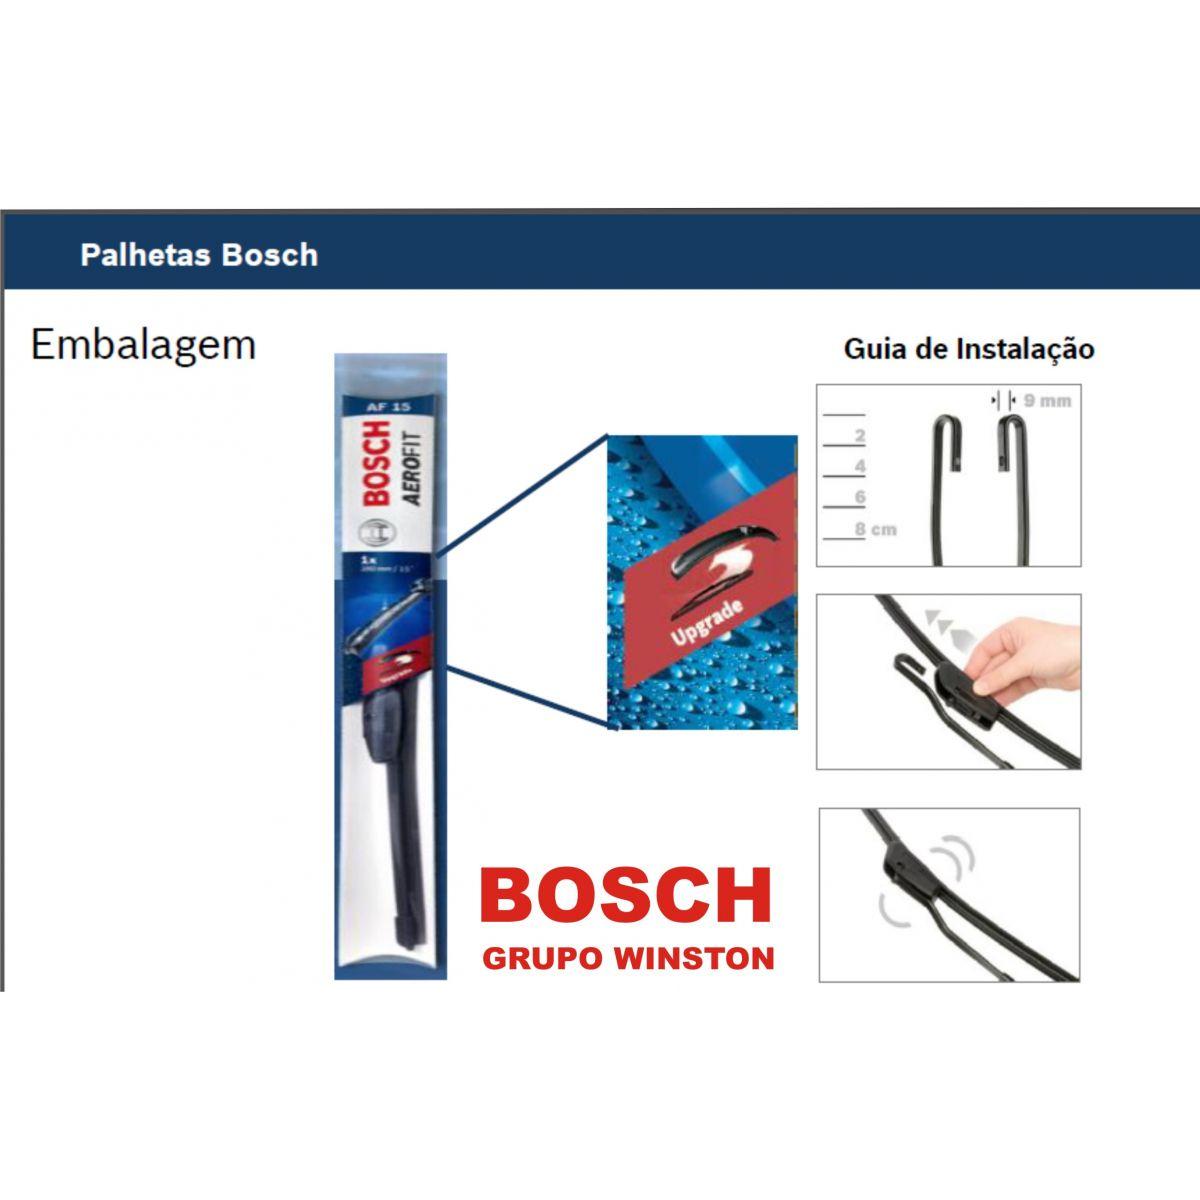 Palheta Bosch Aerofit Limpador de para brisa Bosch PEUGEOT 106